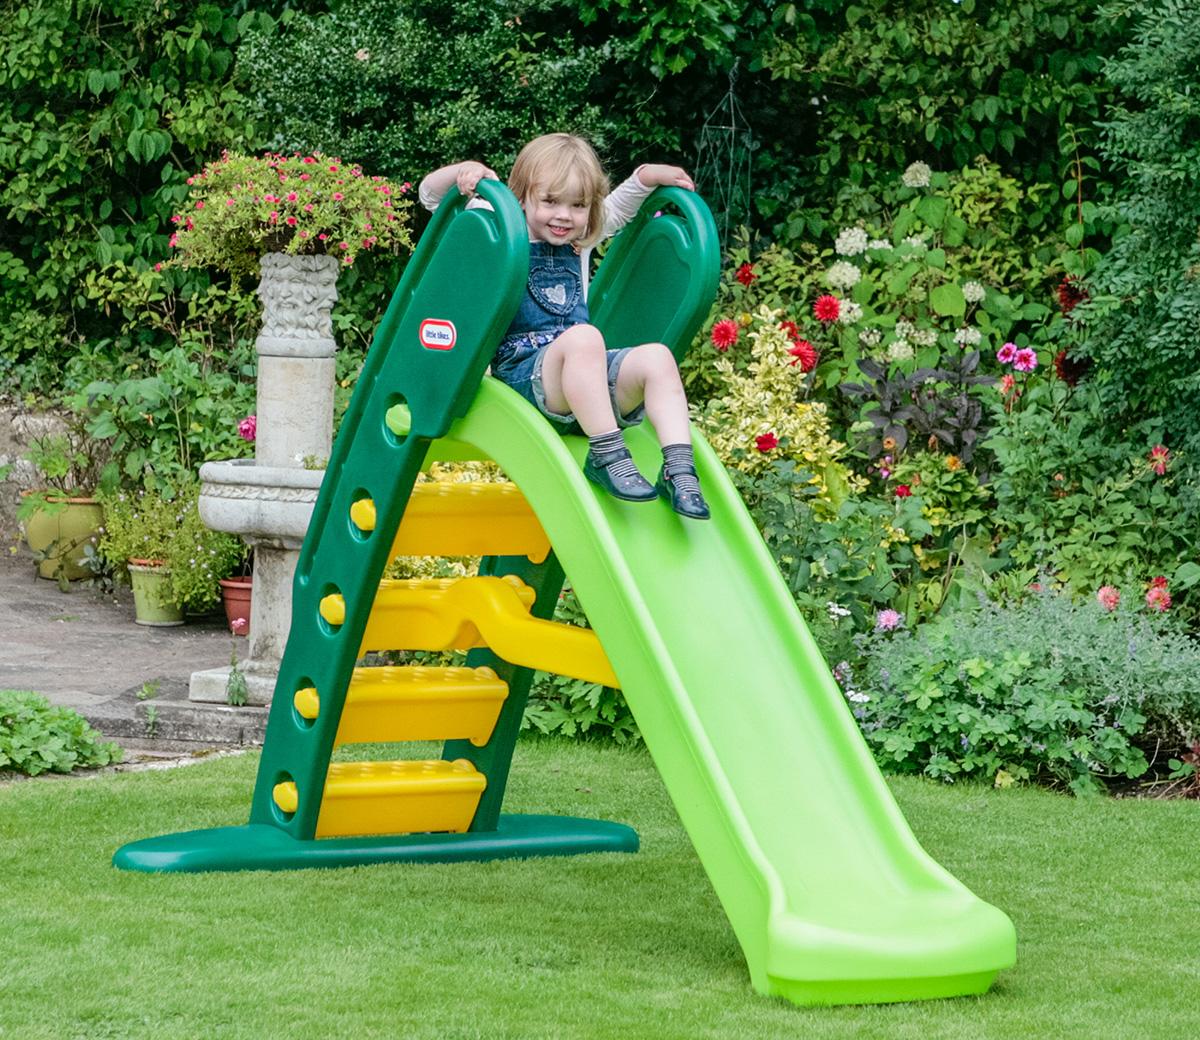 Slide-Evergreen-1